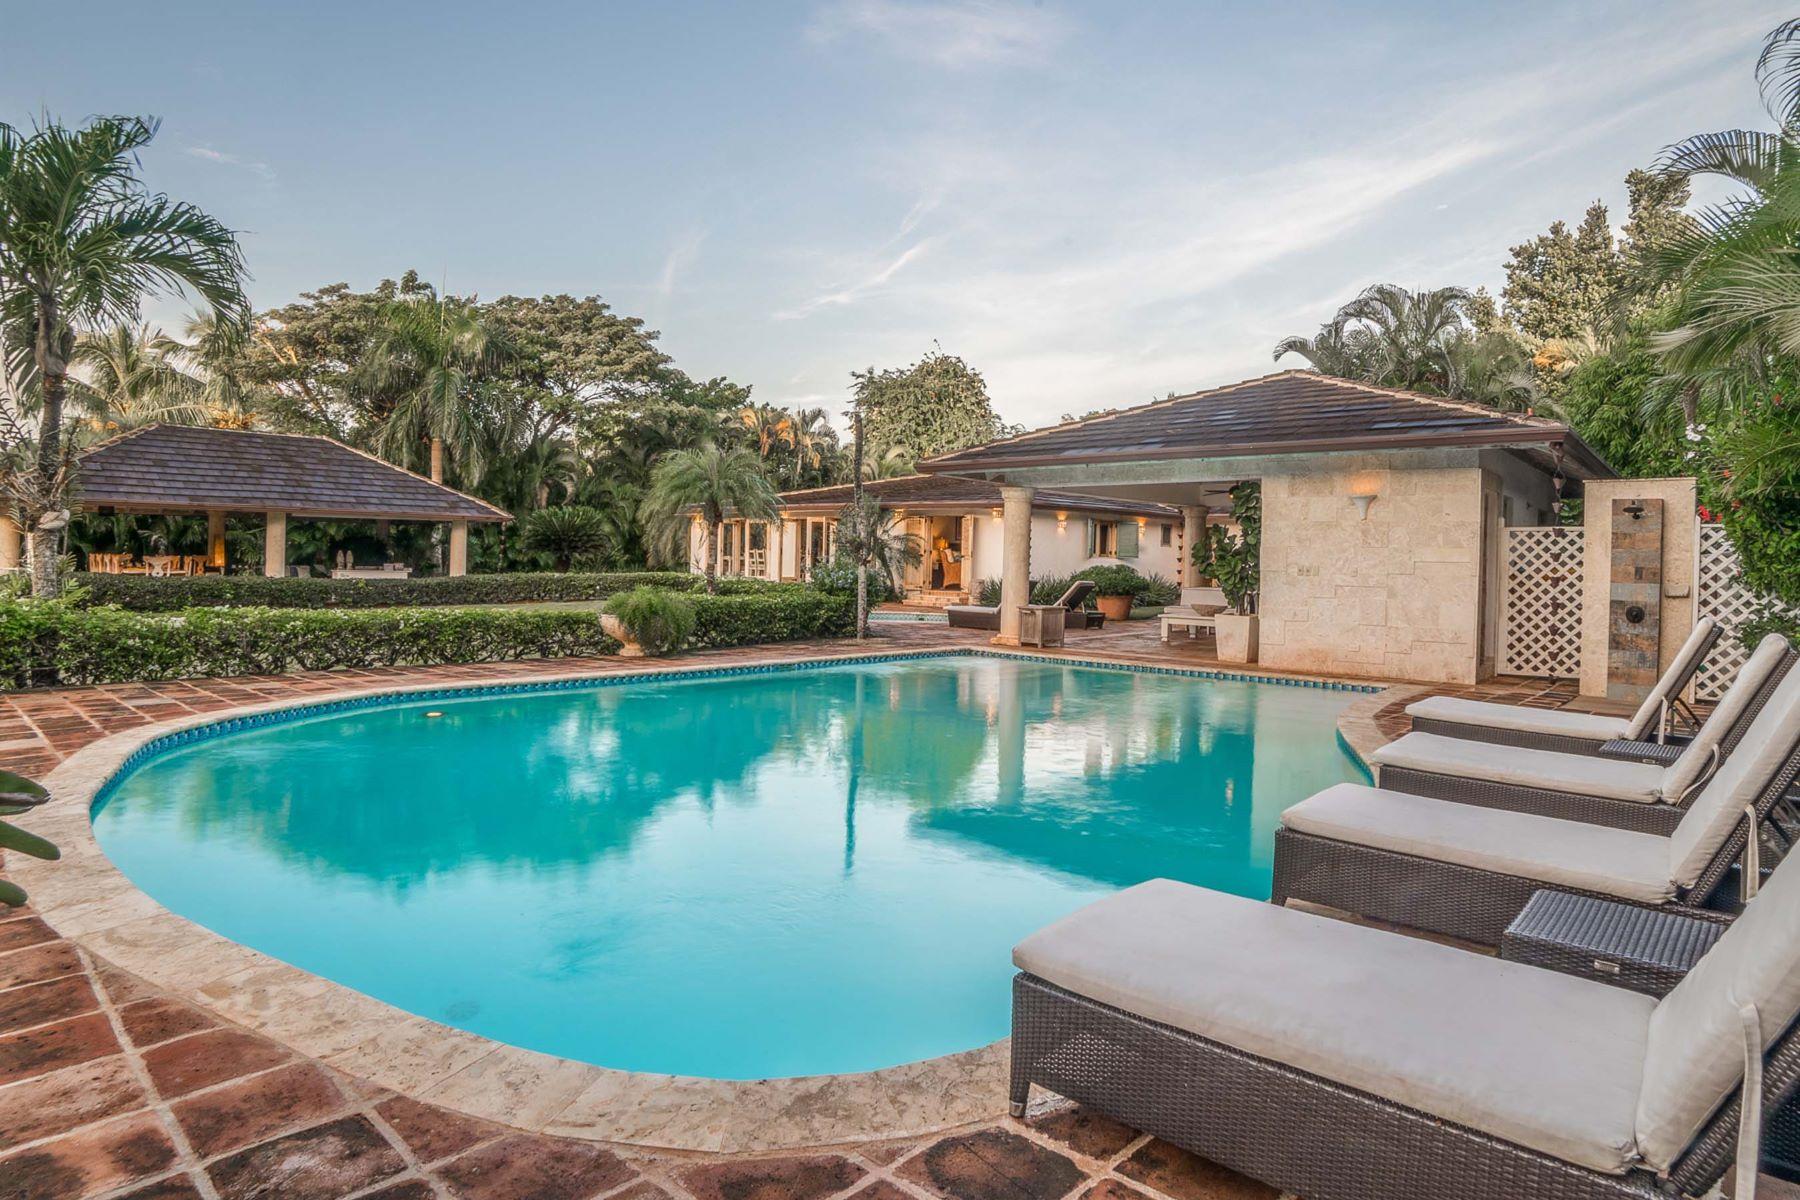 Single Family Home for Sale at Colonial One-level villa walking distance to the Beach Casa De Campo, La Romana, Dominican Republic